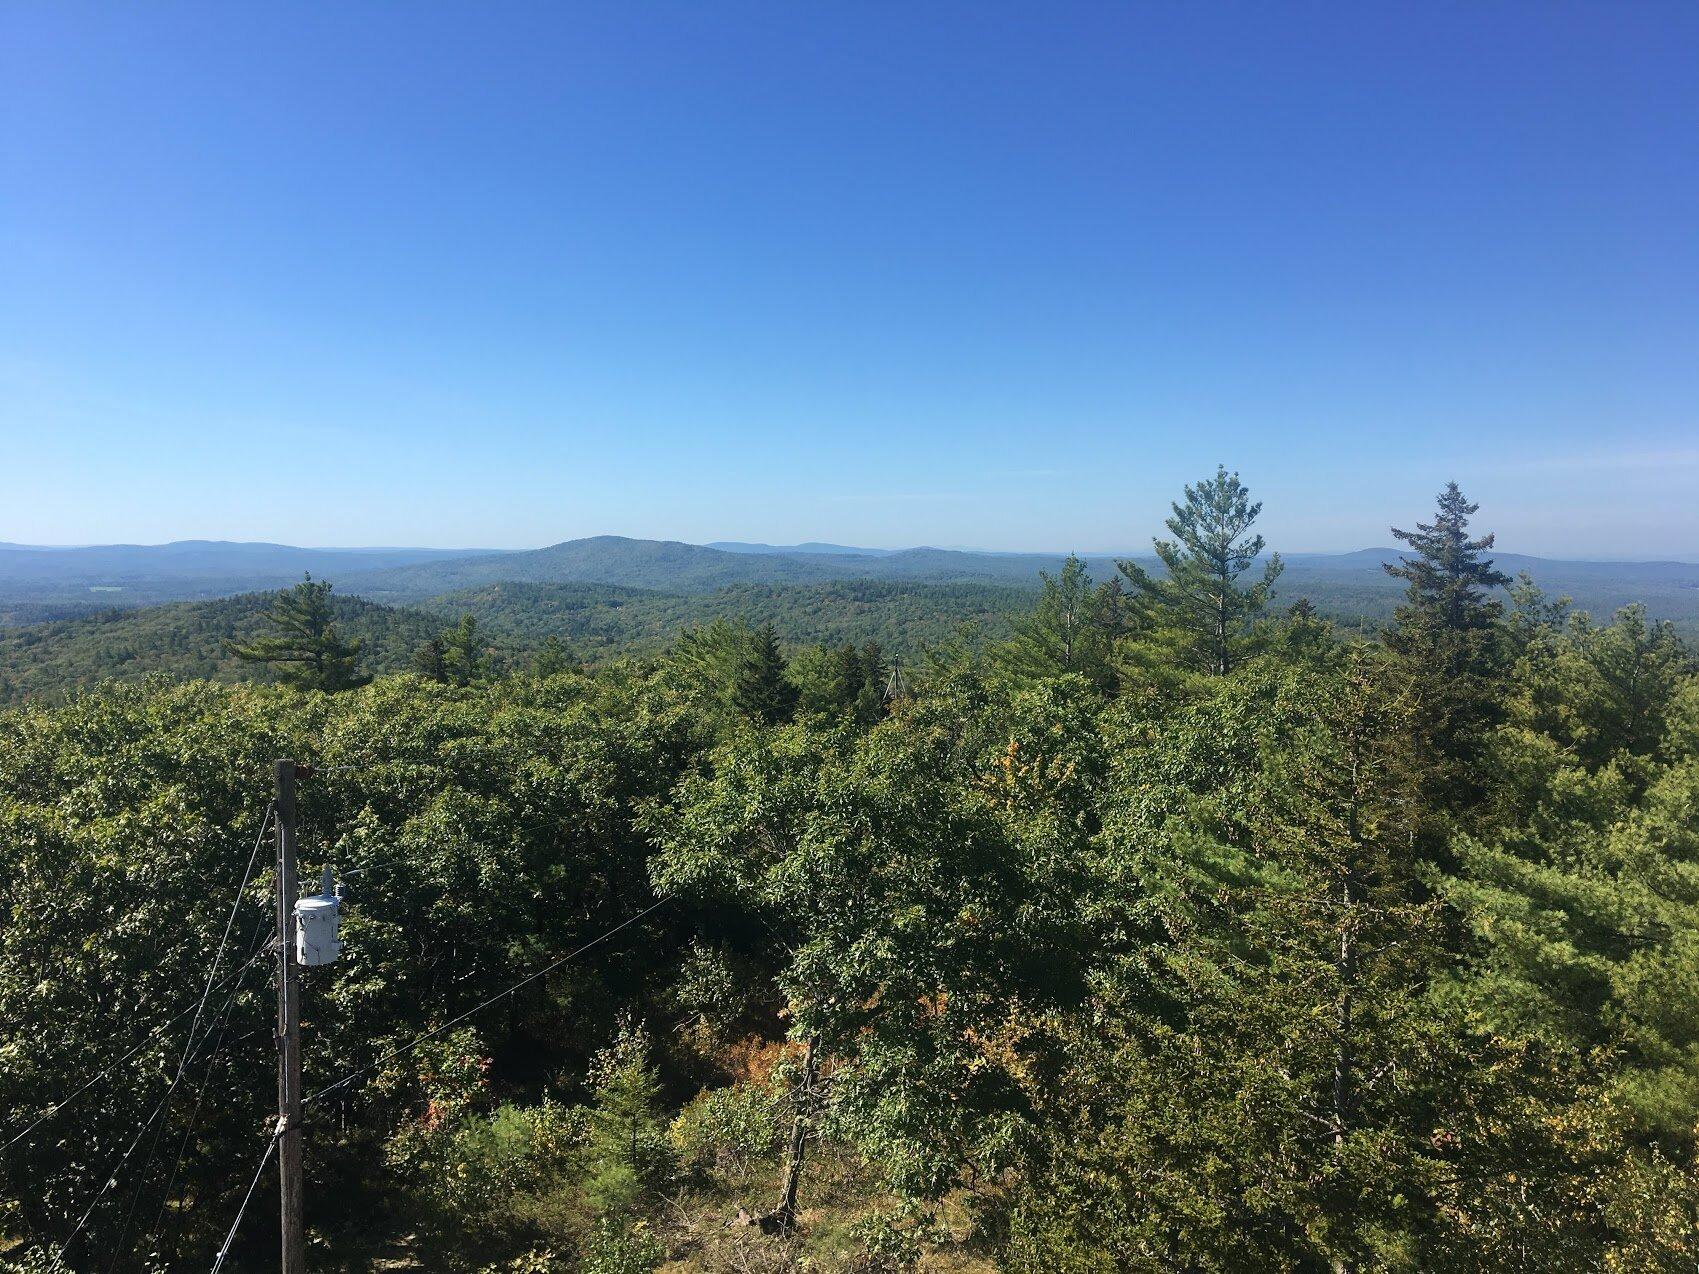 blue-job-mountain-fire-tower-view.JPG